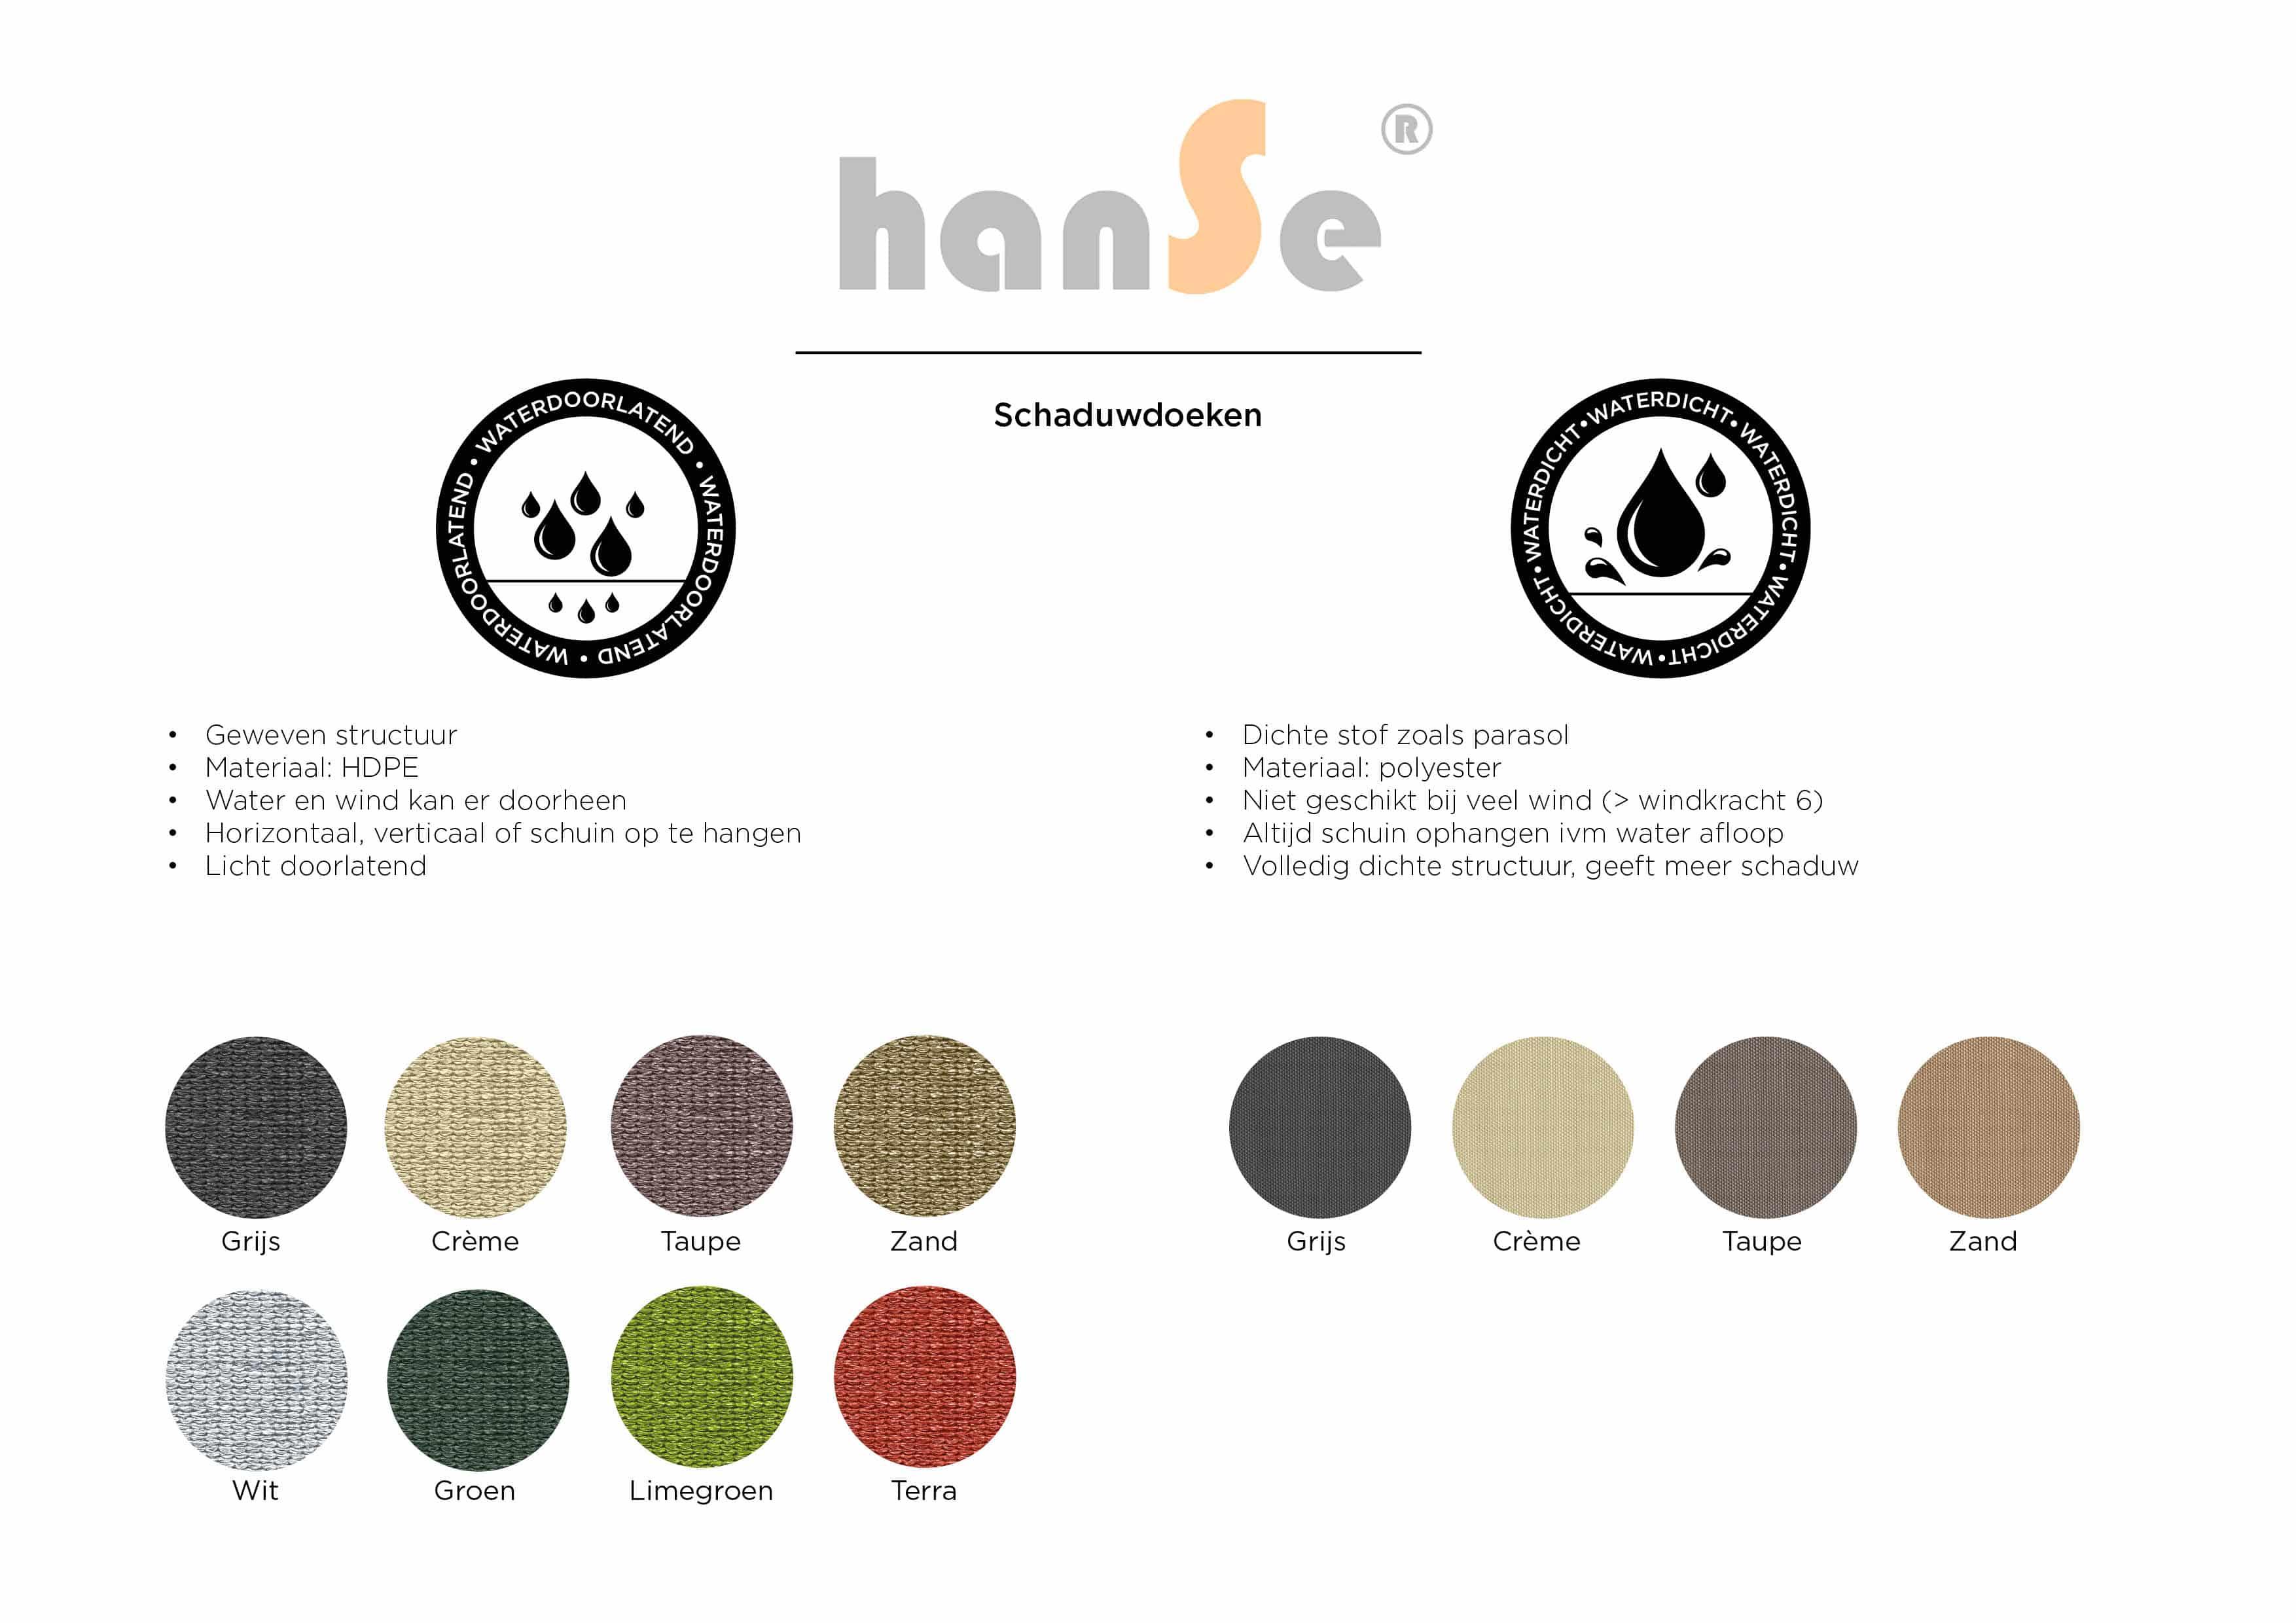 hanSe® Schaduwdoek Driehoek Waterdoorlatend 4,5x4,5x4,5 m - Terra